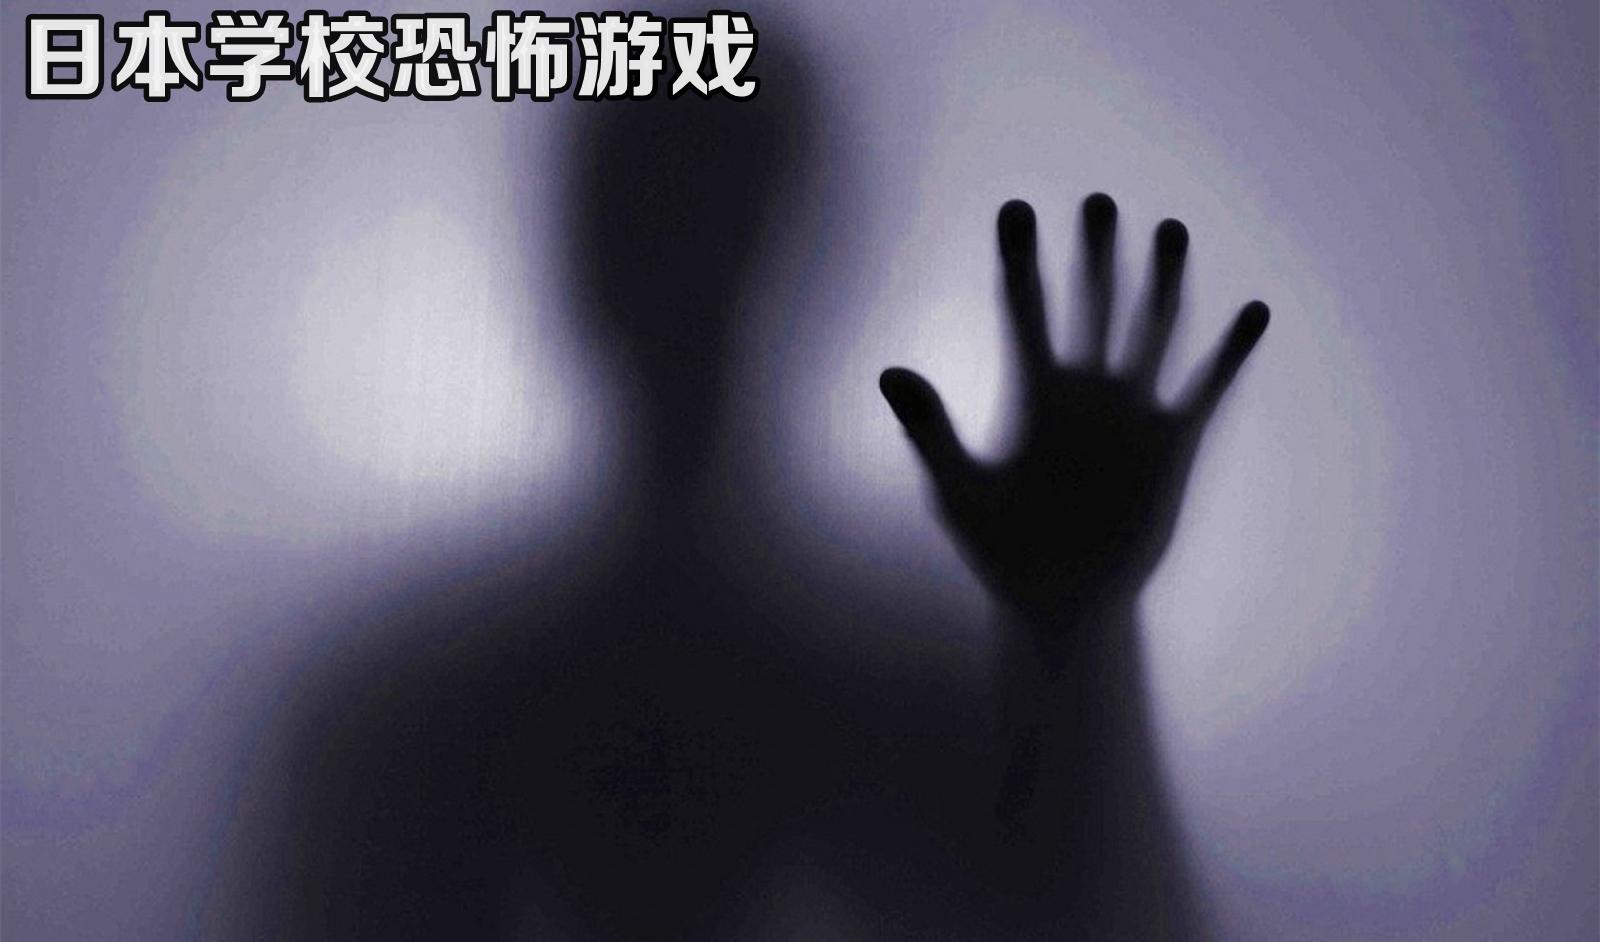 http://www.taobangzhu.net/z/rbxxkbtx/